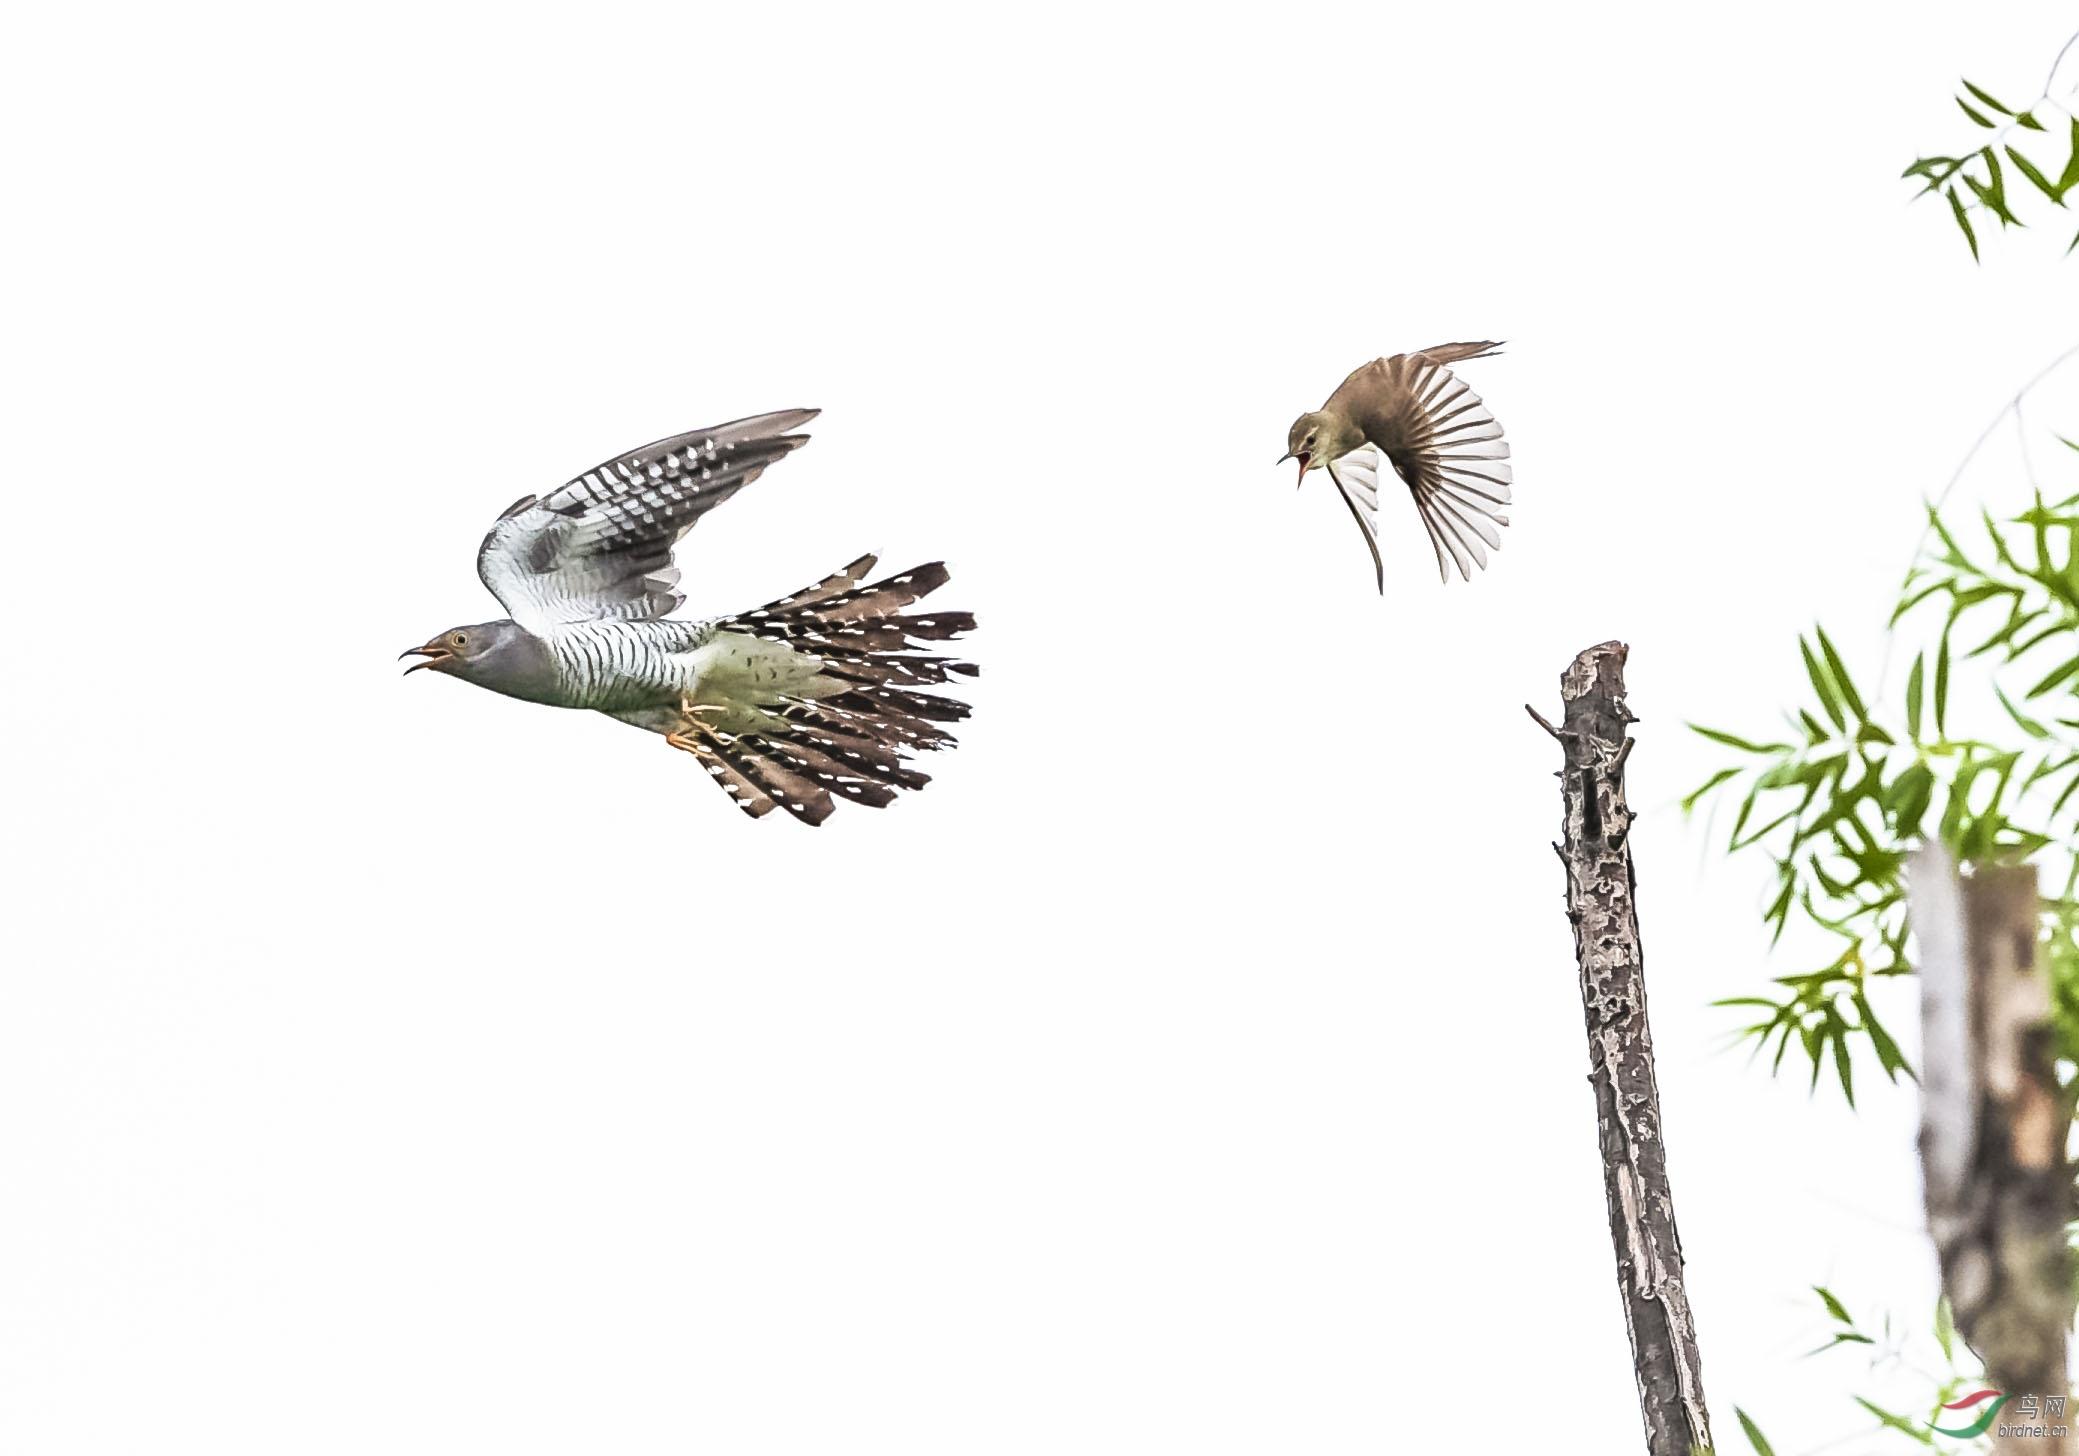 大尾莺以小博大,赶走了杜鹃,保卫了自己的家园,正义战胜了邪恶。